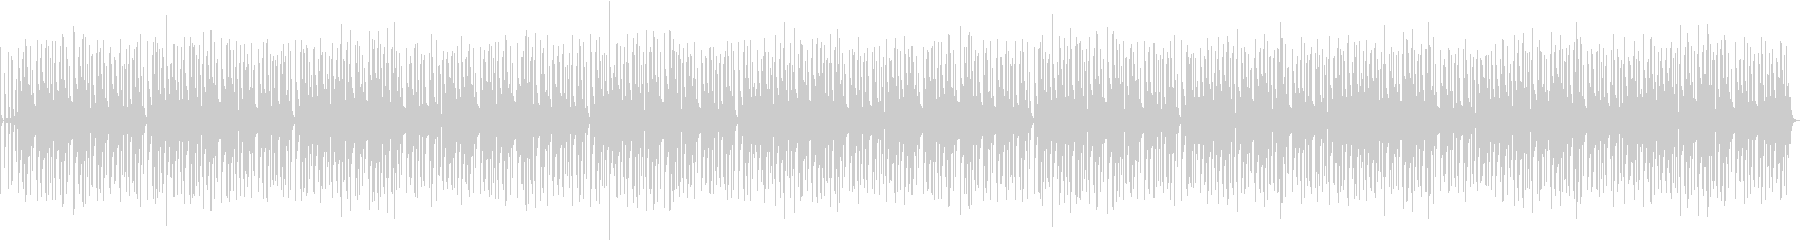 バンドサウンドのお洒落なジャズBGMの未再生の波形